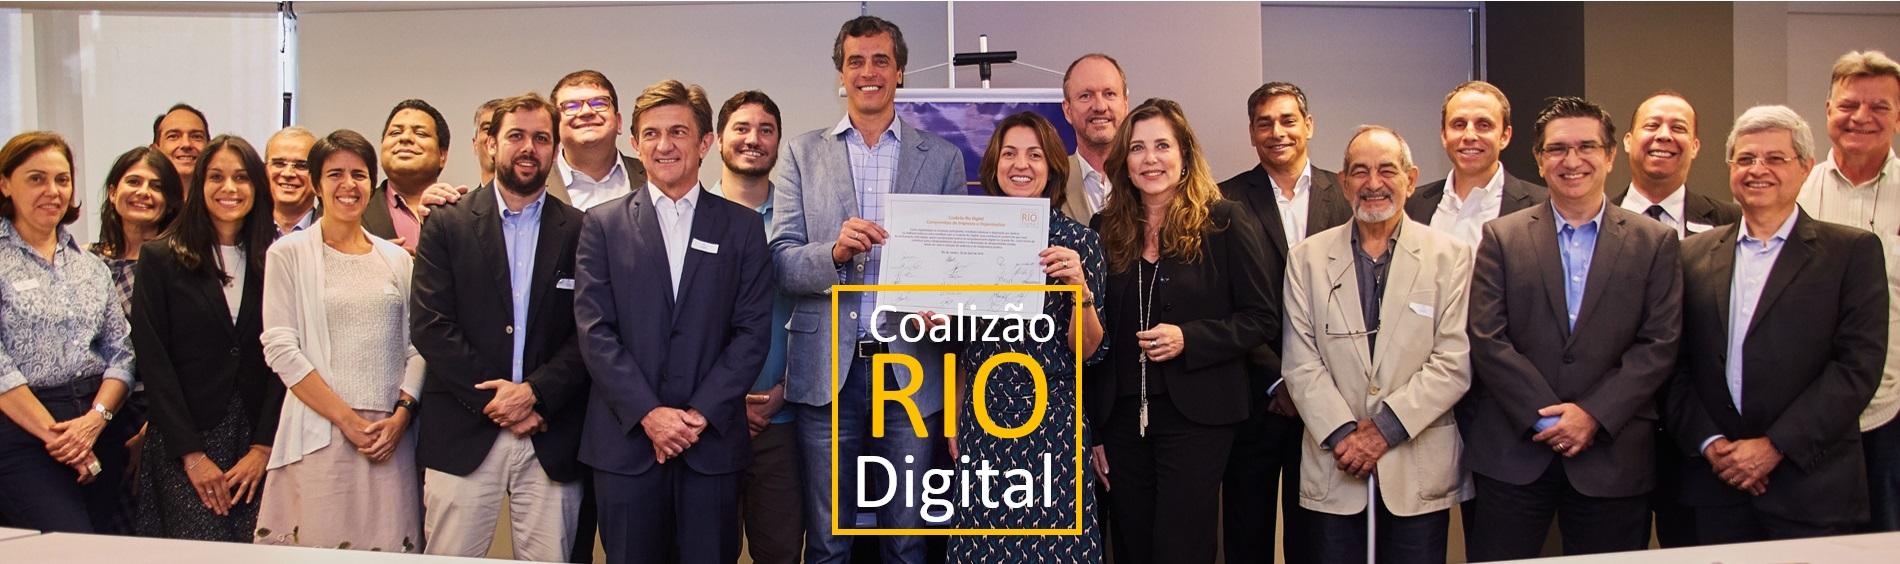 Coalizão Rio Digital